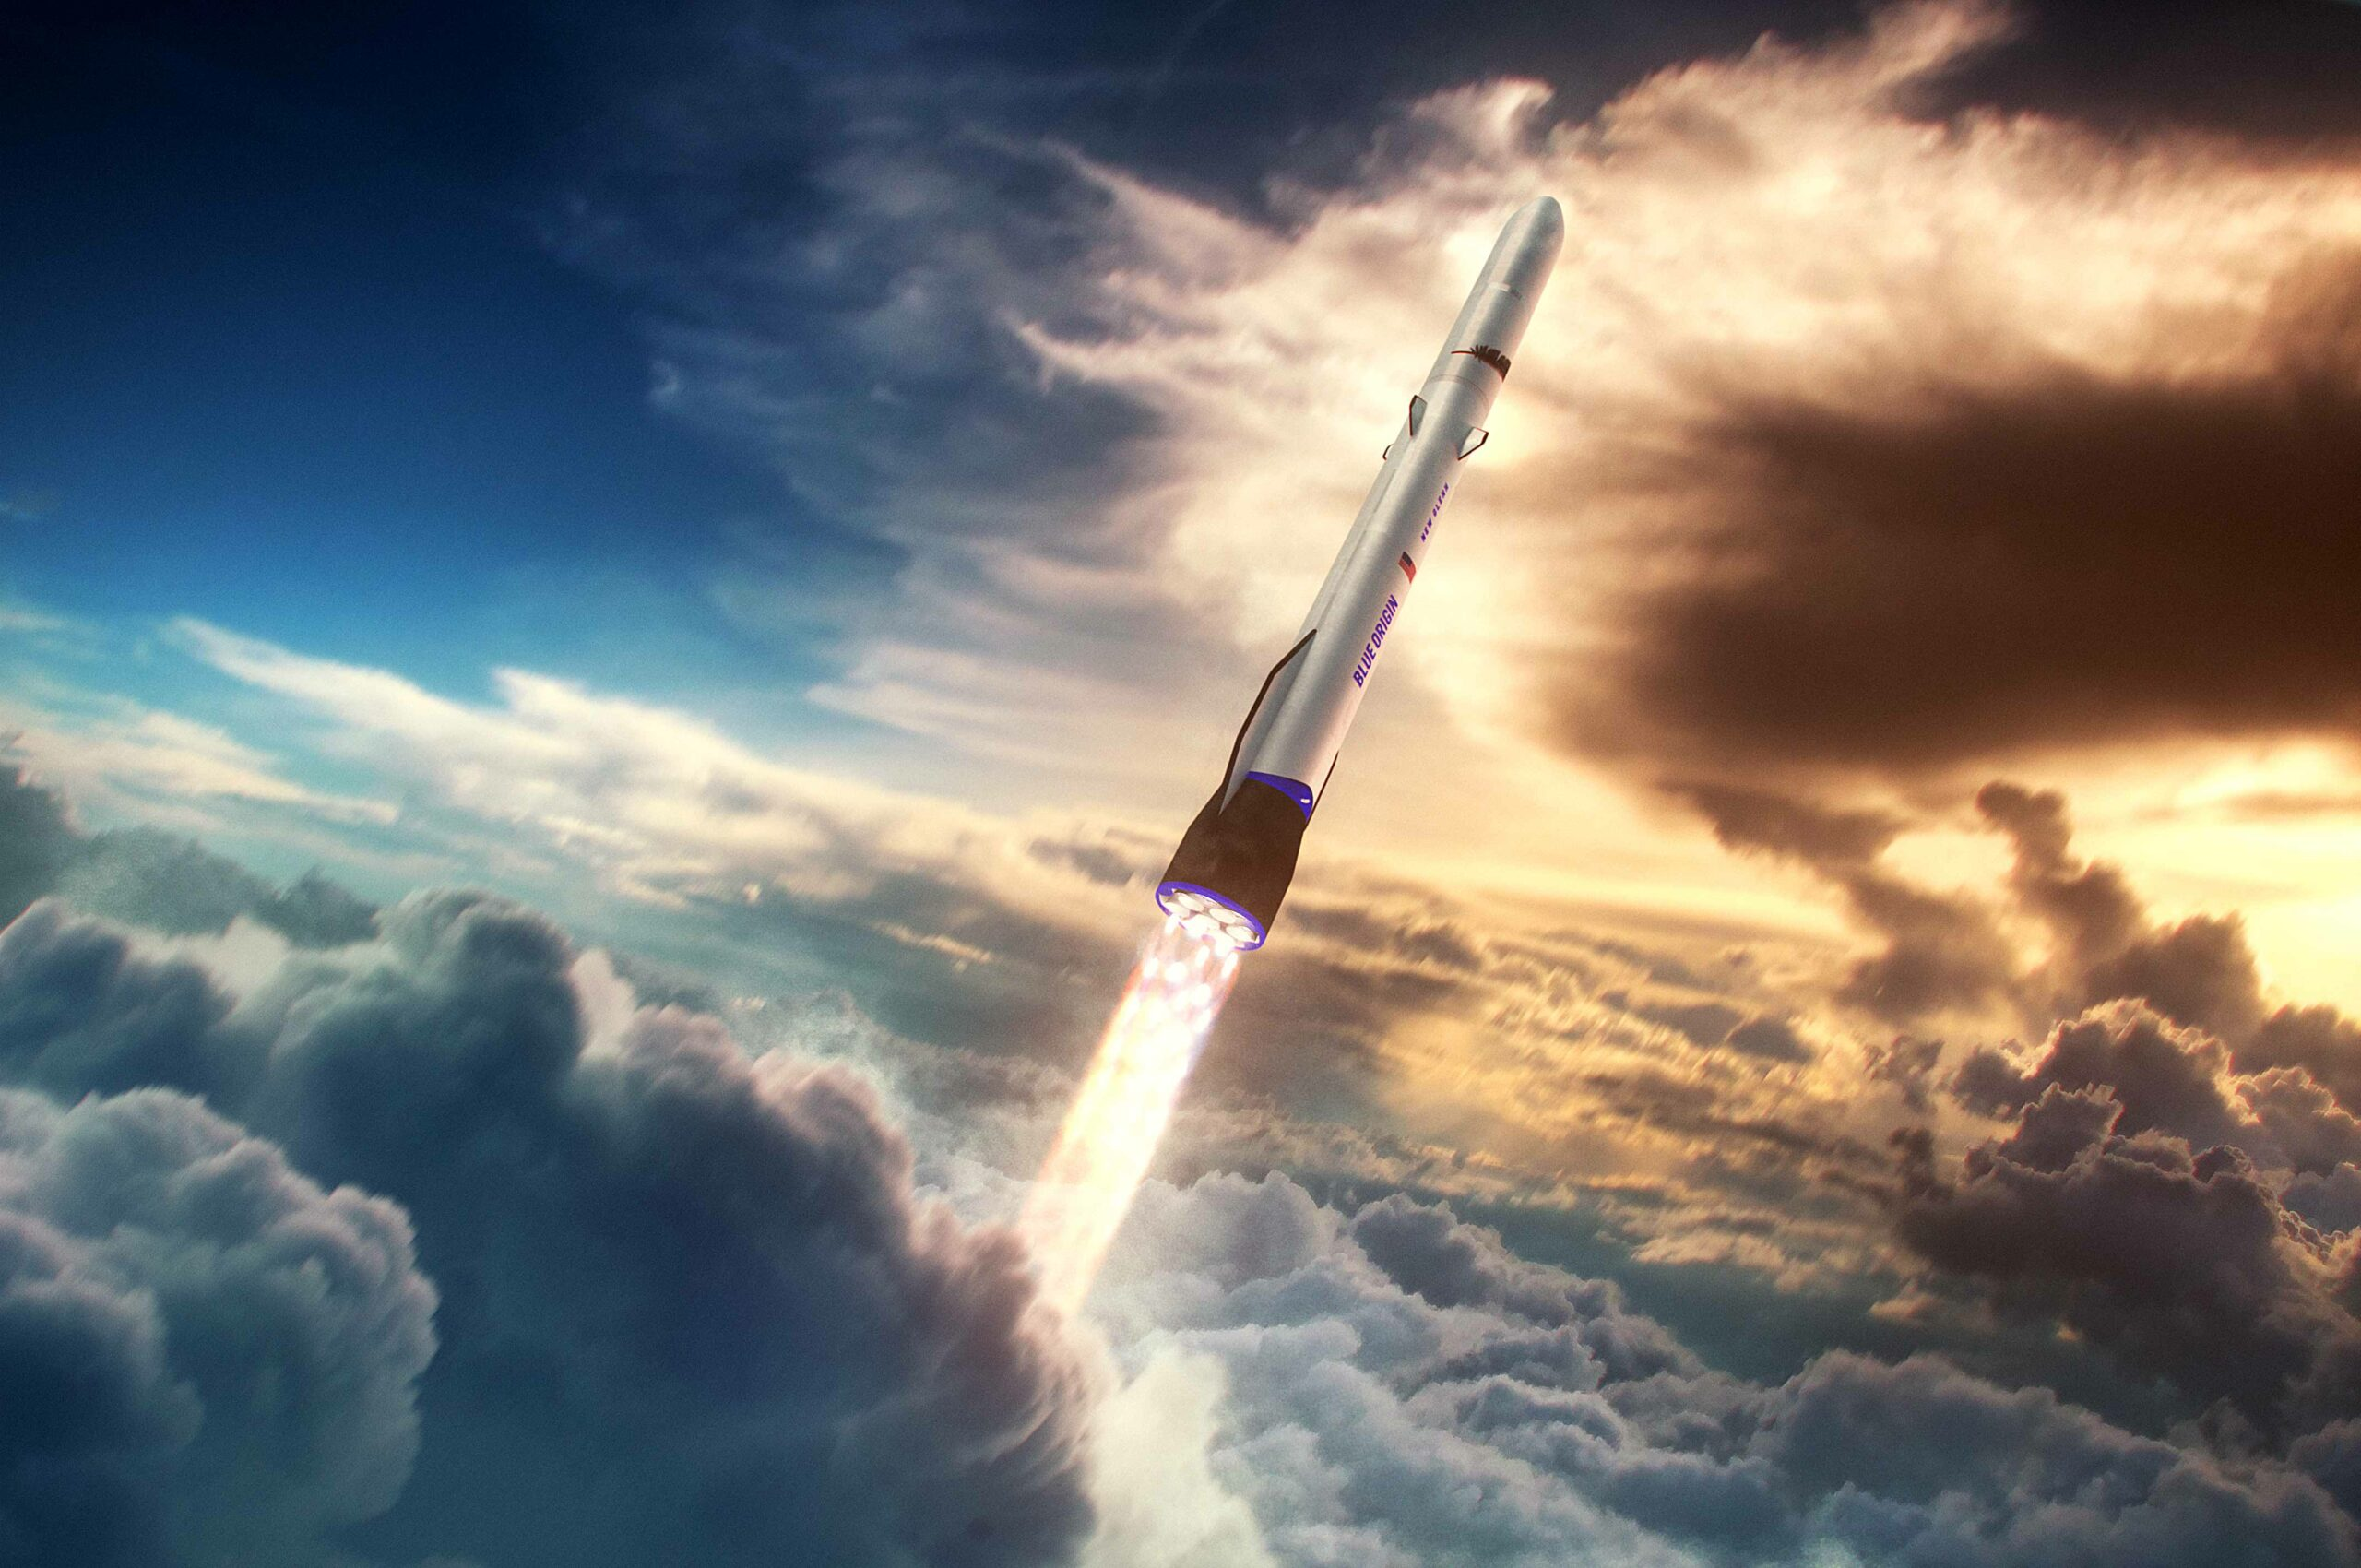 داستان «نیو گلن» بلو اوریجین: راکتی که ماموریتهای فضایی را متحول میکند